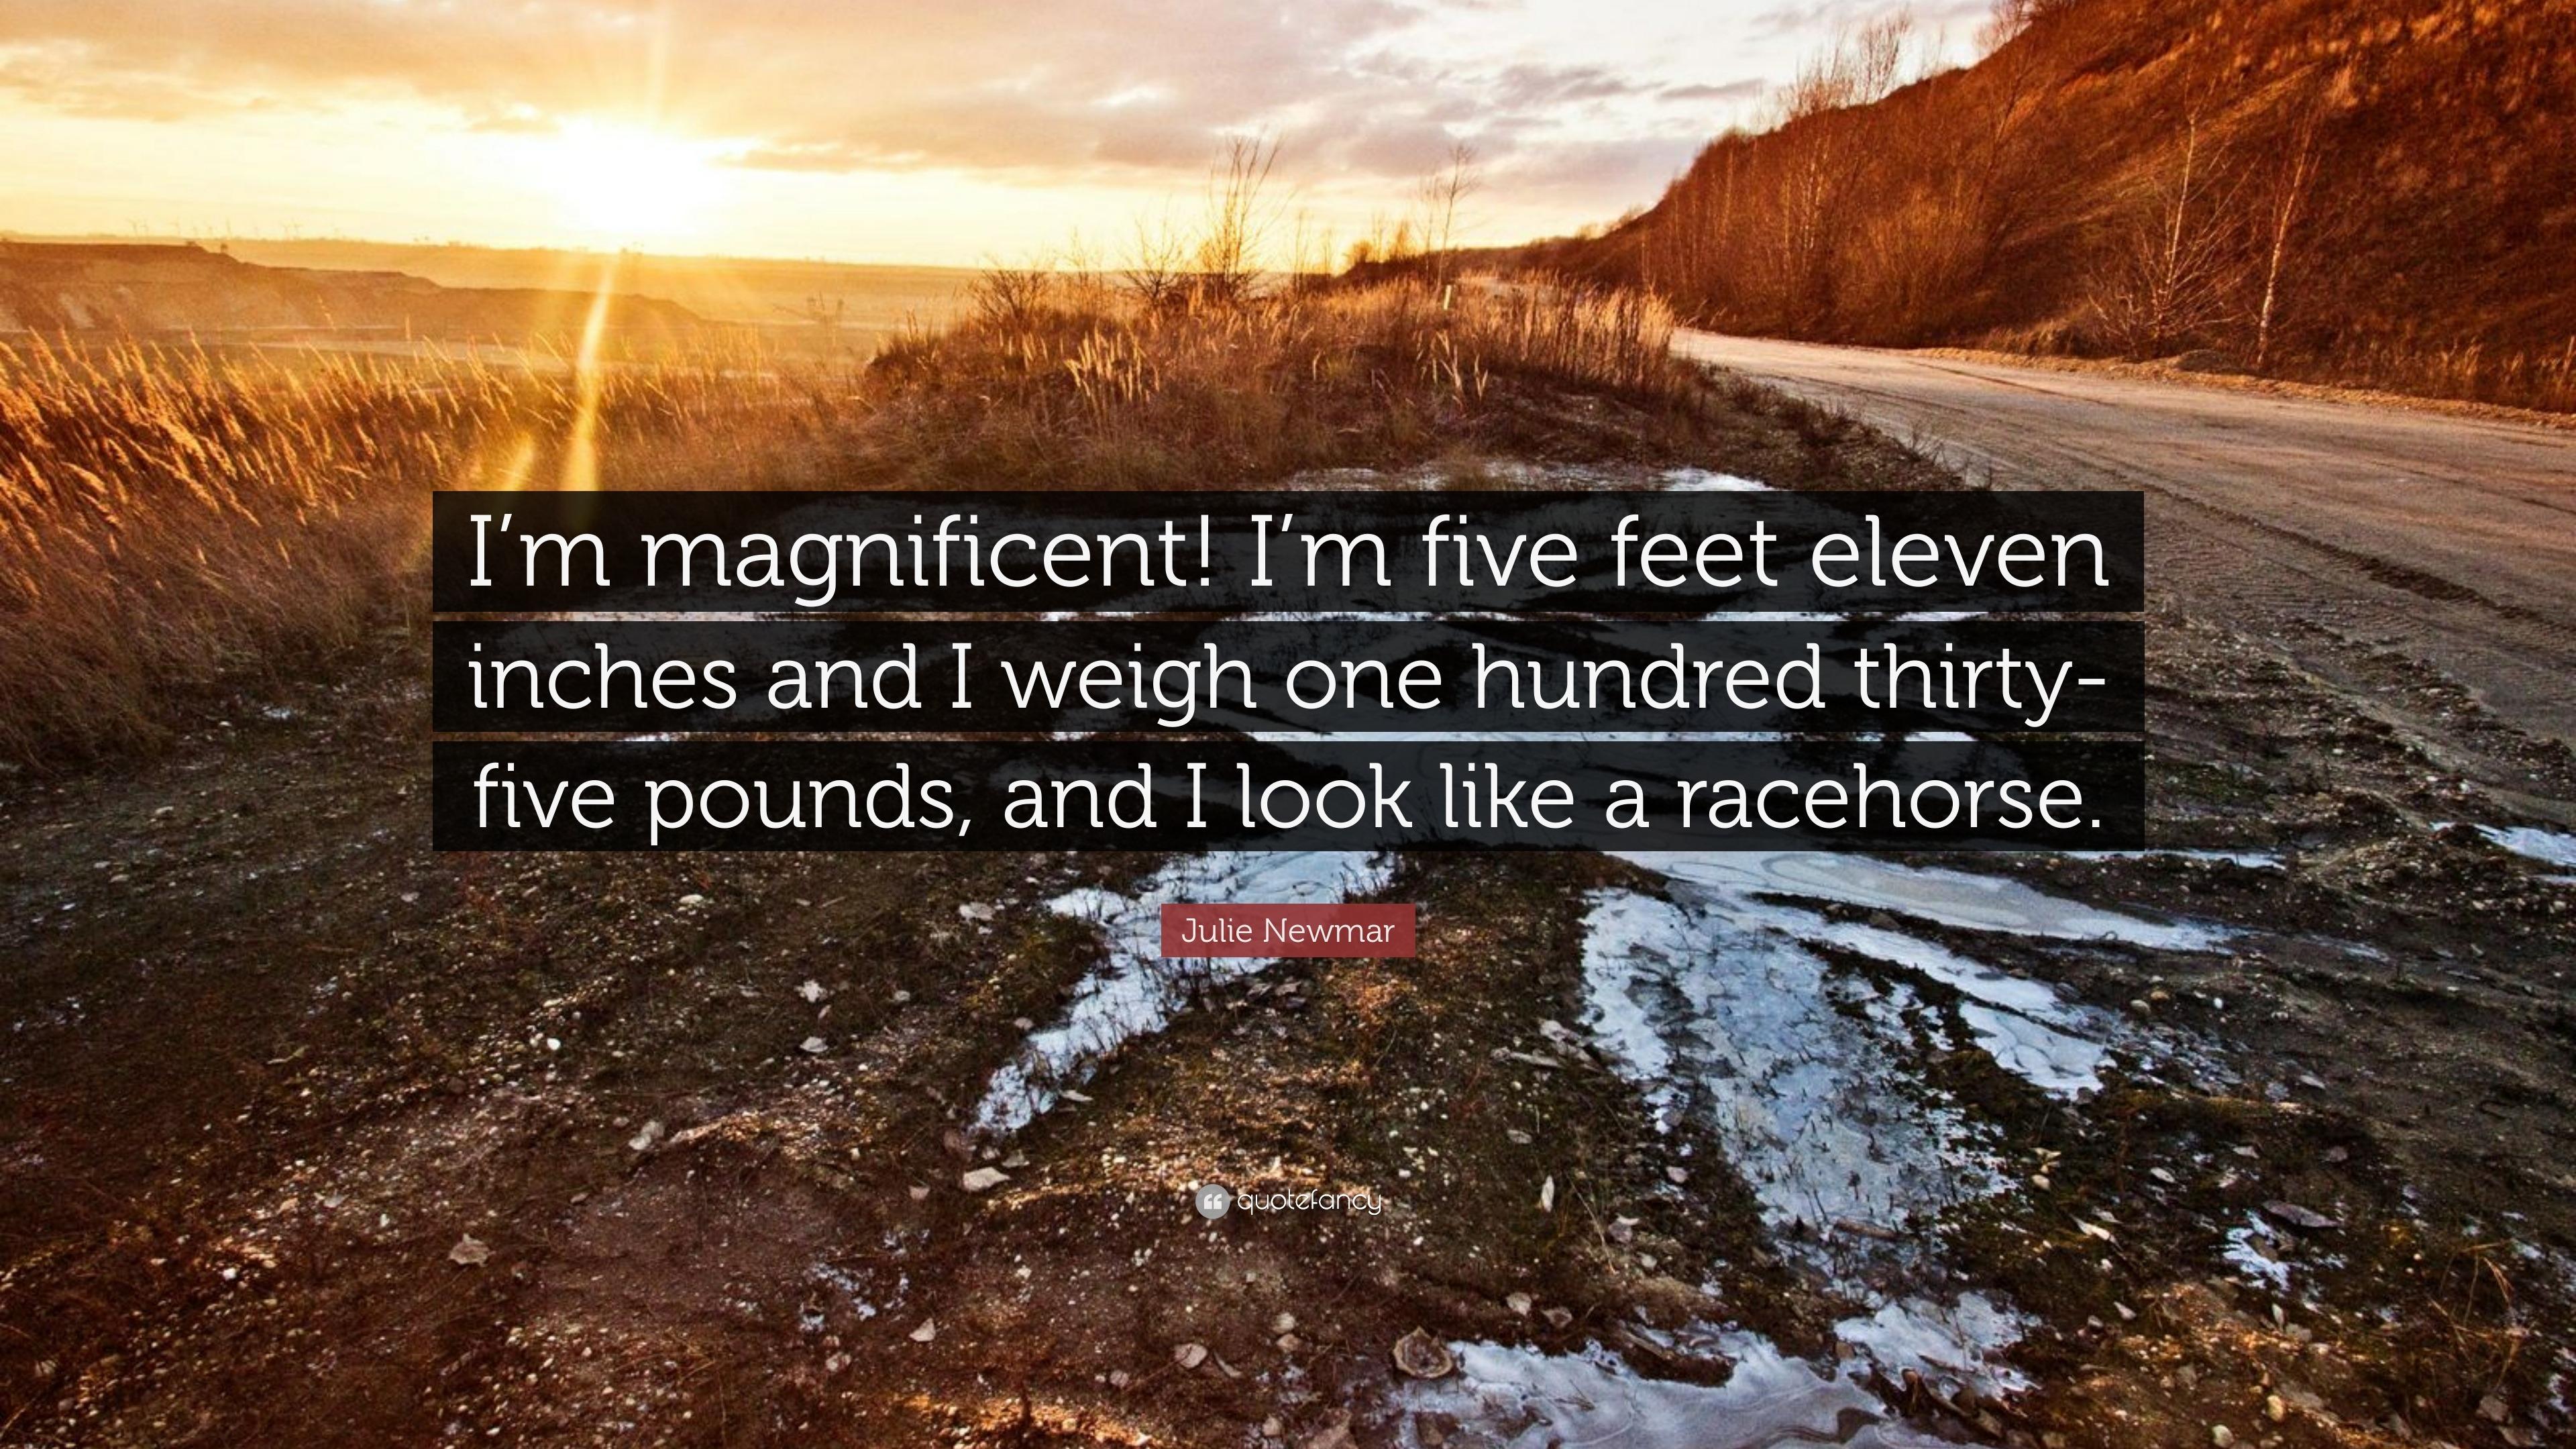 Eleven inches